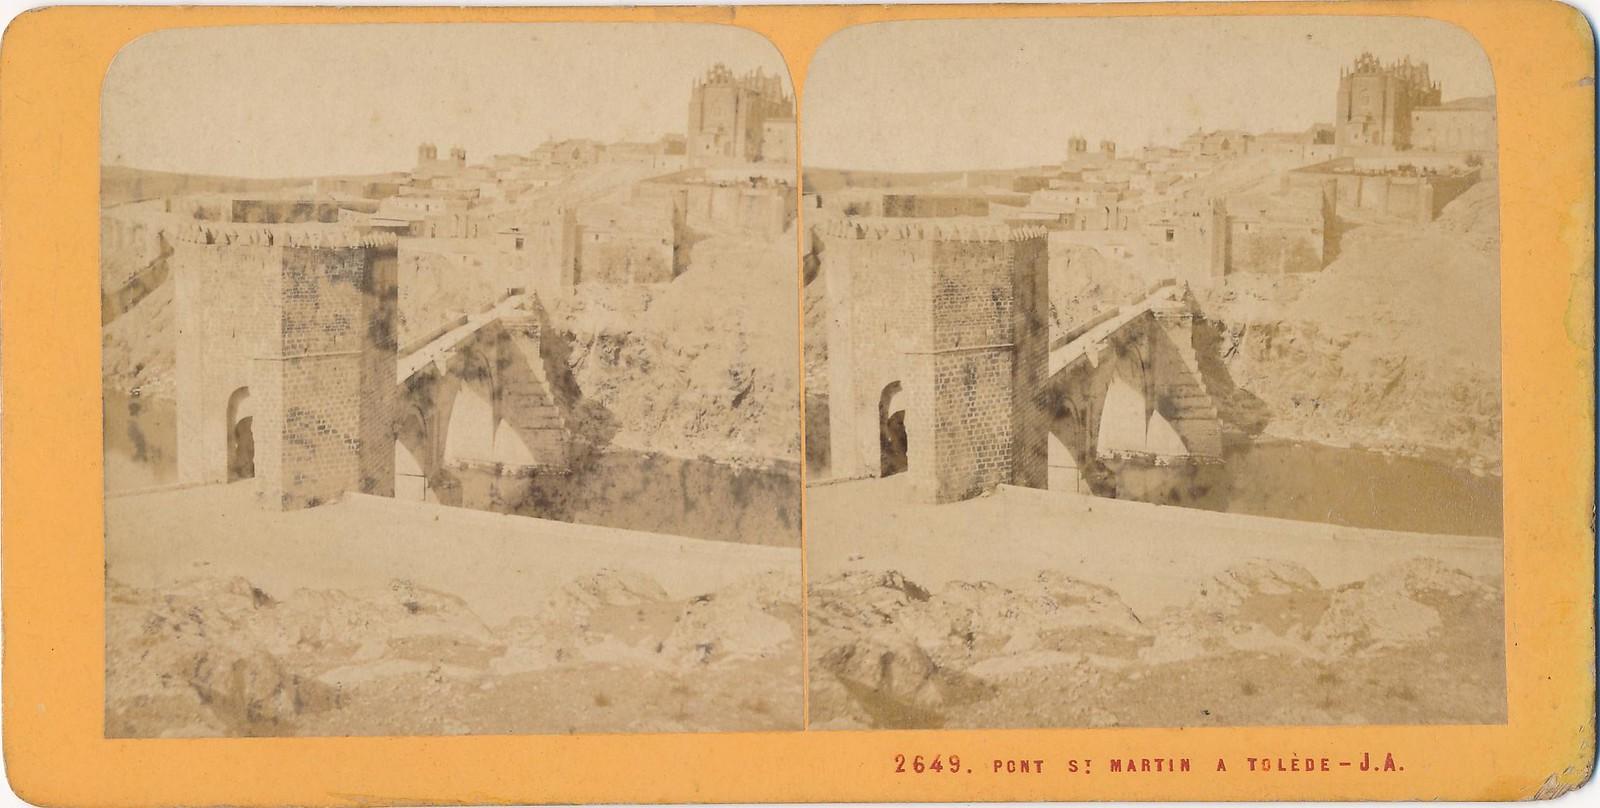 Puente de San Martín en 1868. Fotografía estereoscópica de Jean Andrieu con número de serie 2649